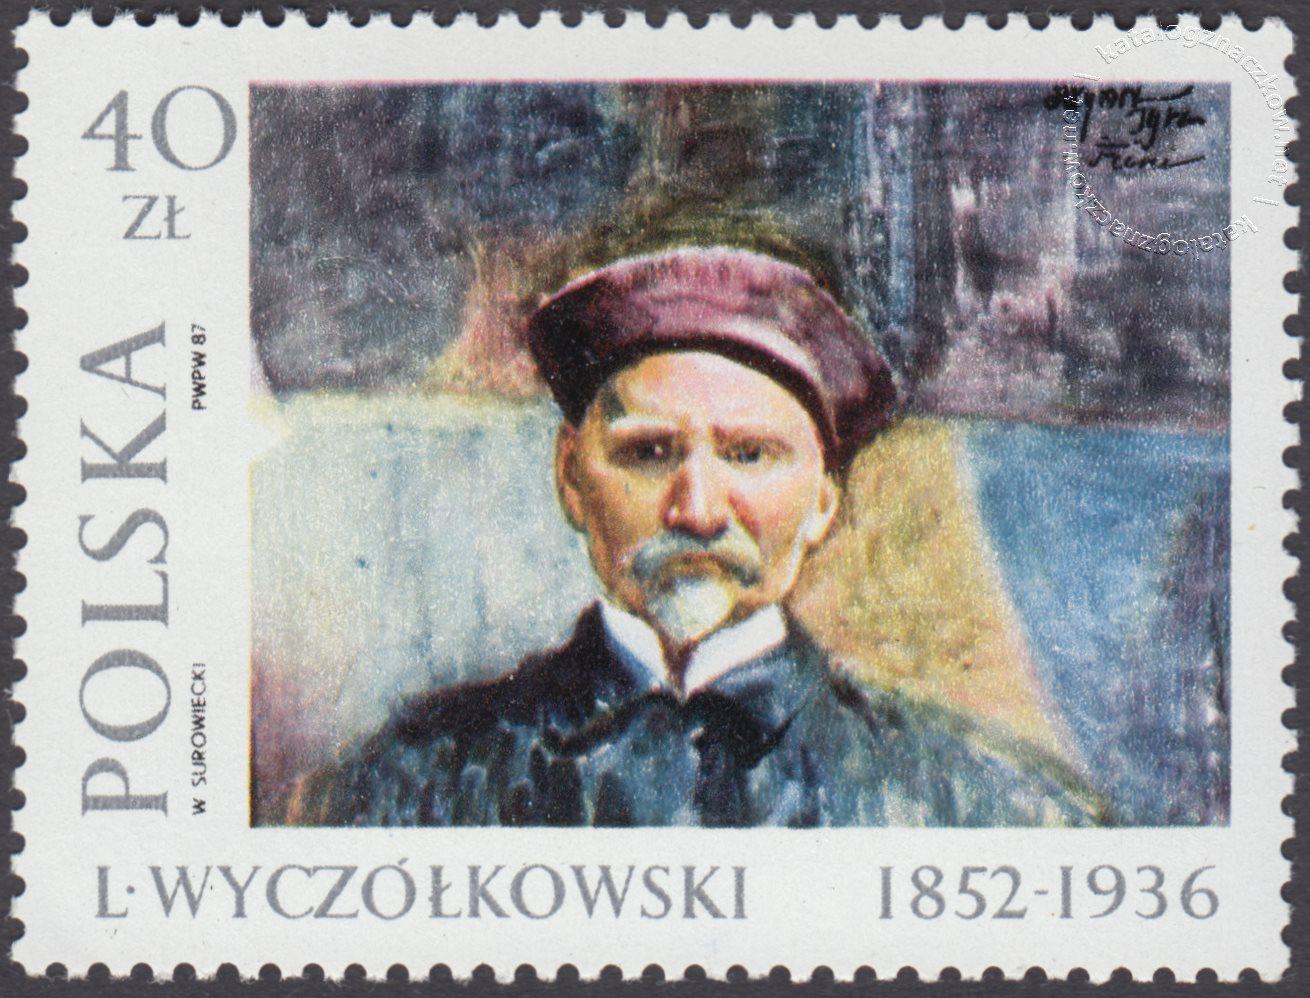 Malarstwo polskie – Leon Wyczółkowski znaczek nr 2939